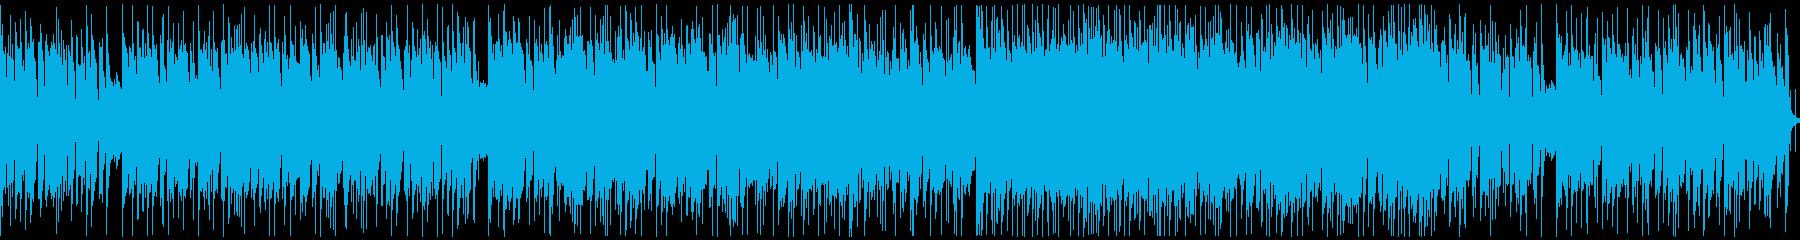 不思議からのワクワク風BGMループの再生済みの波形